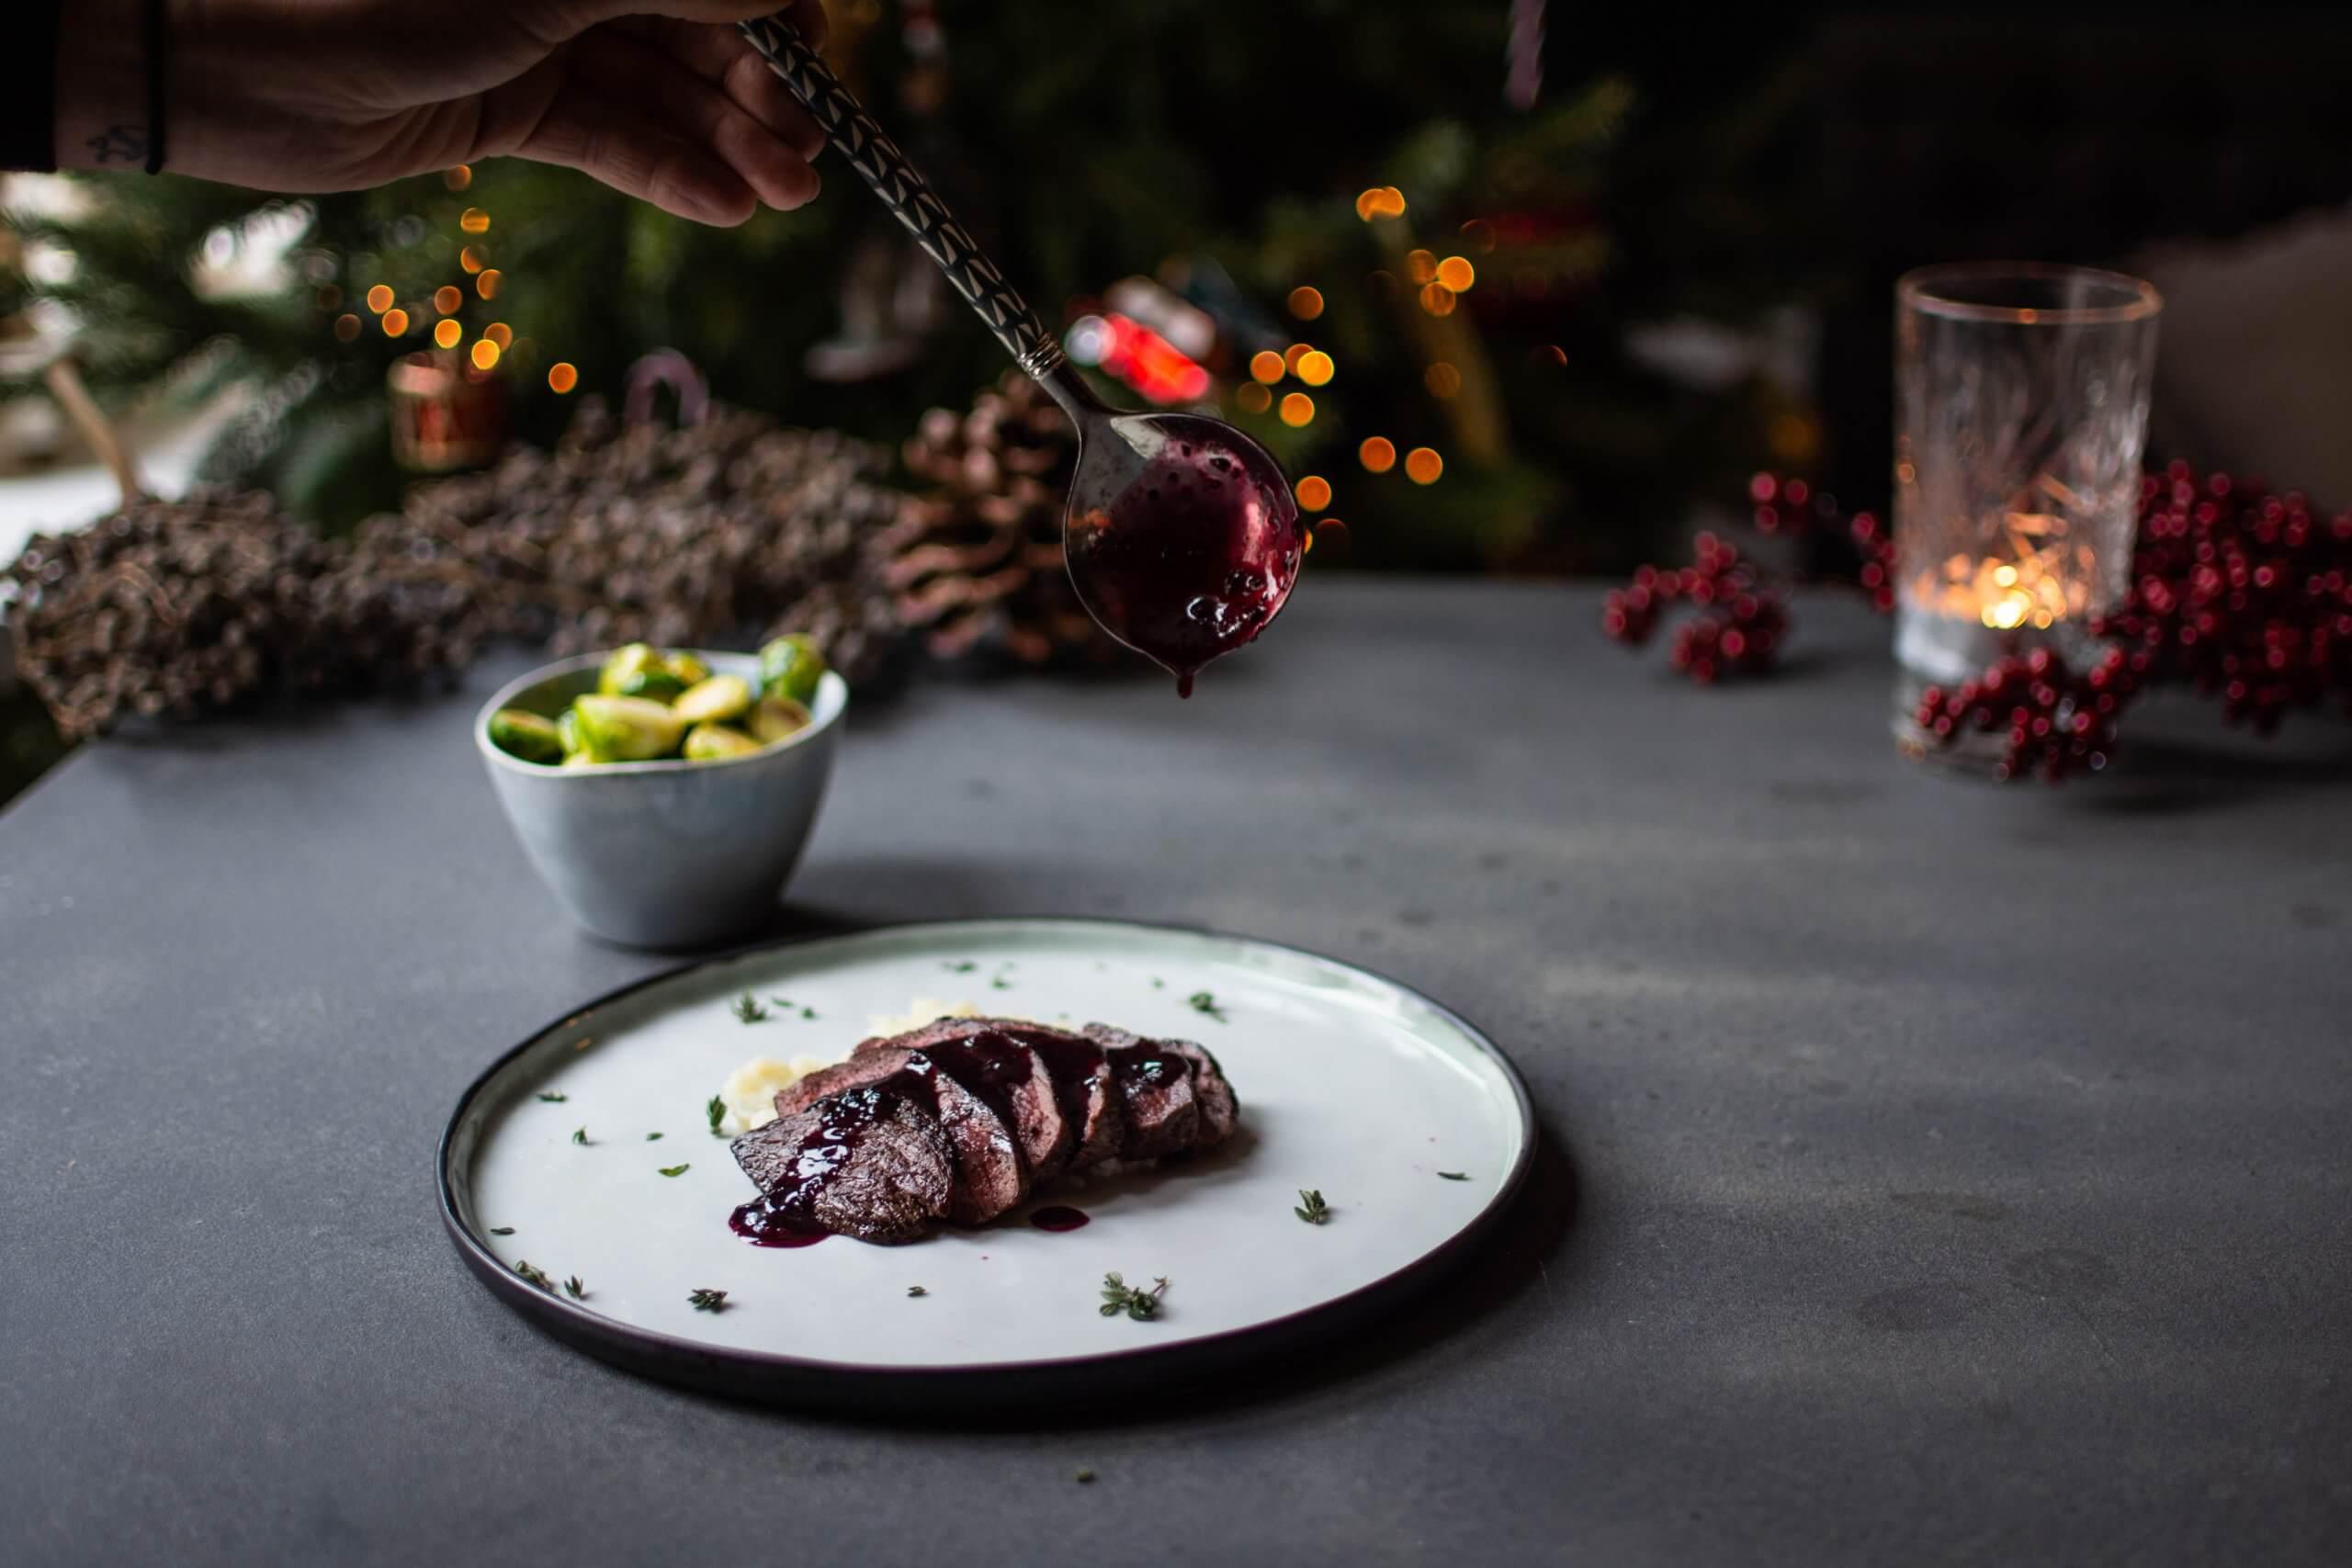 Hertenbiefstuk met rode wijnsaus, spruitjes met balsamico/knoflookmarinade en knolselderijpuree